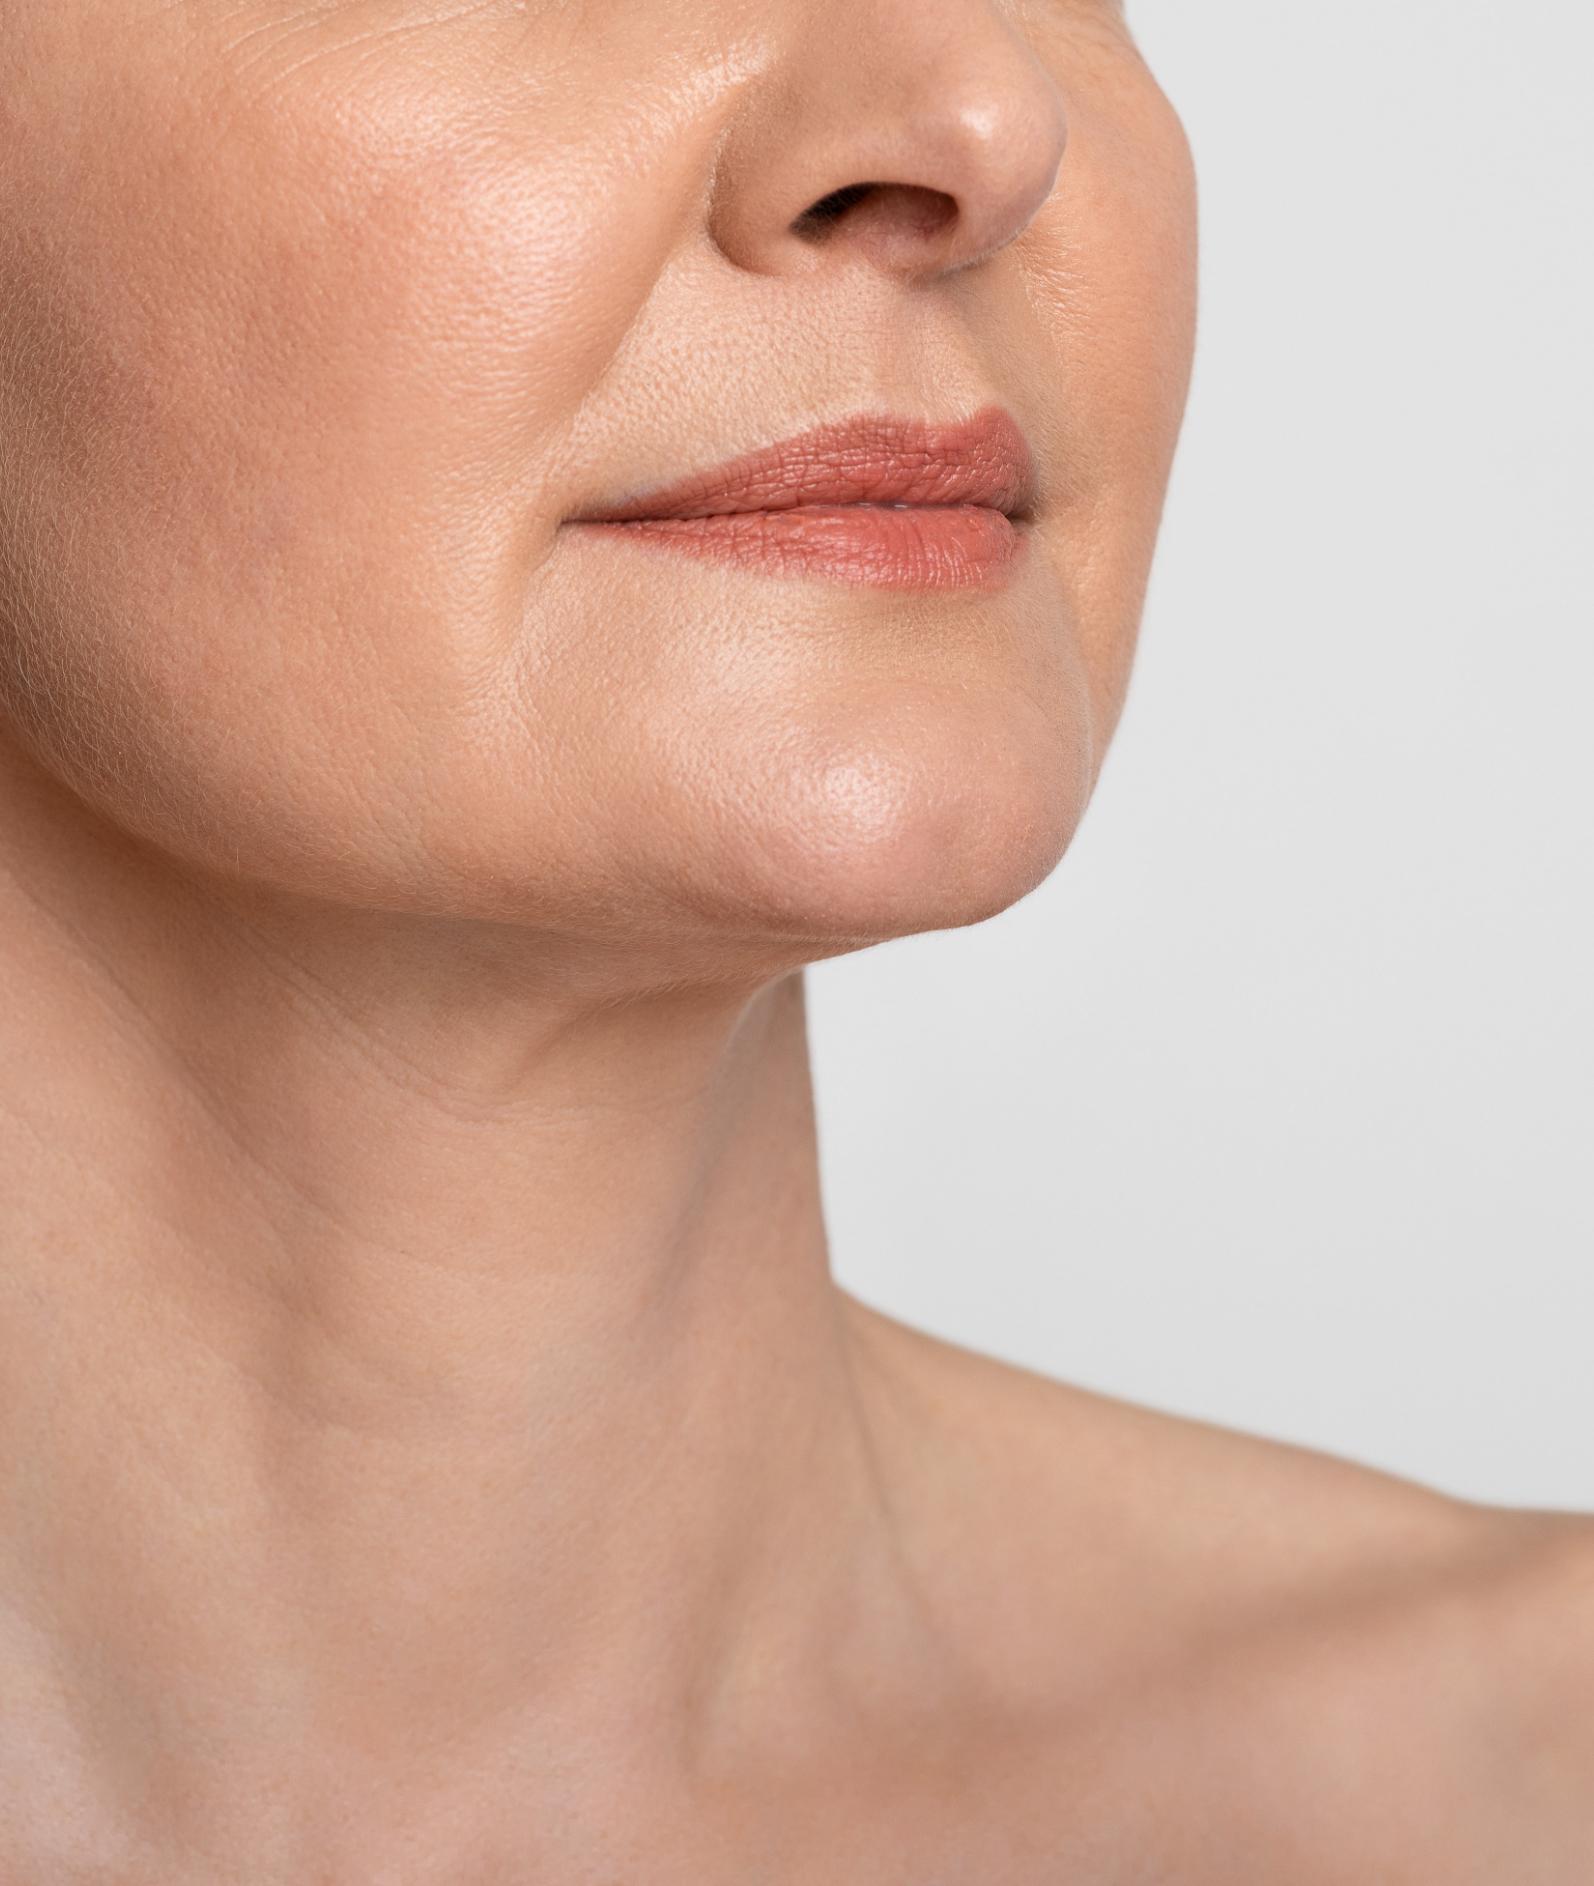 Womans neck area